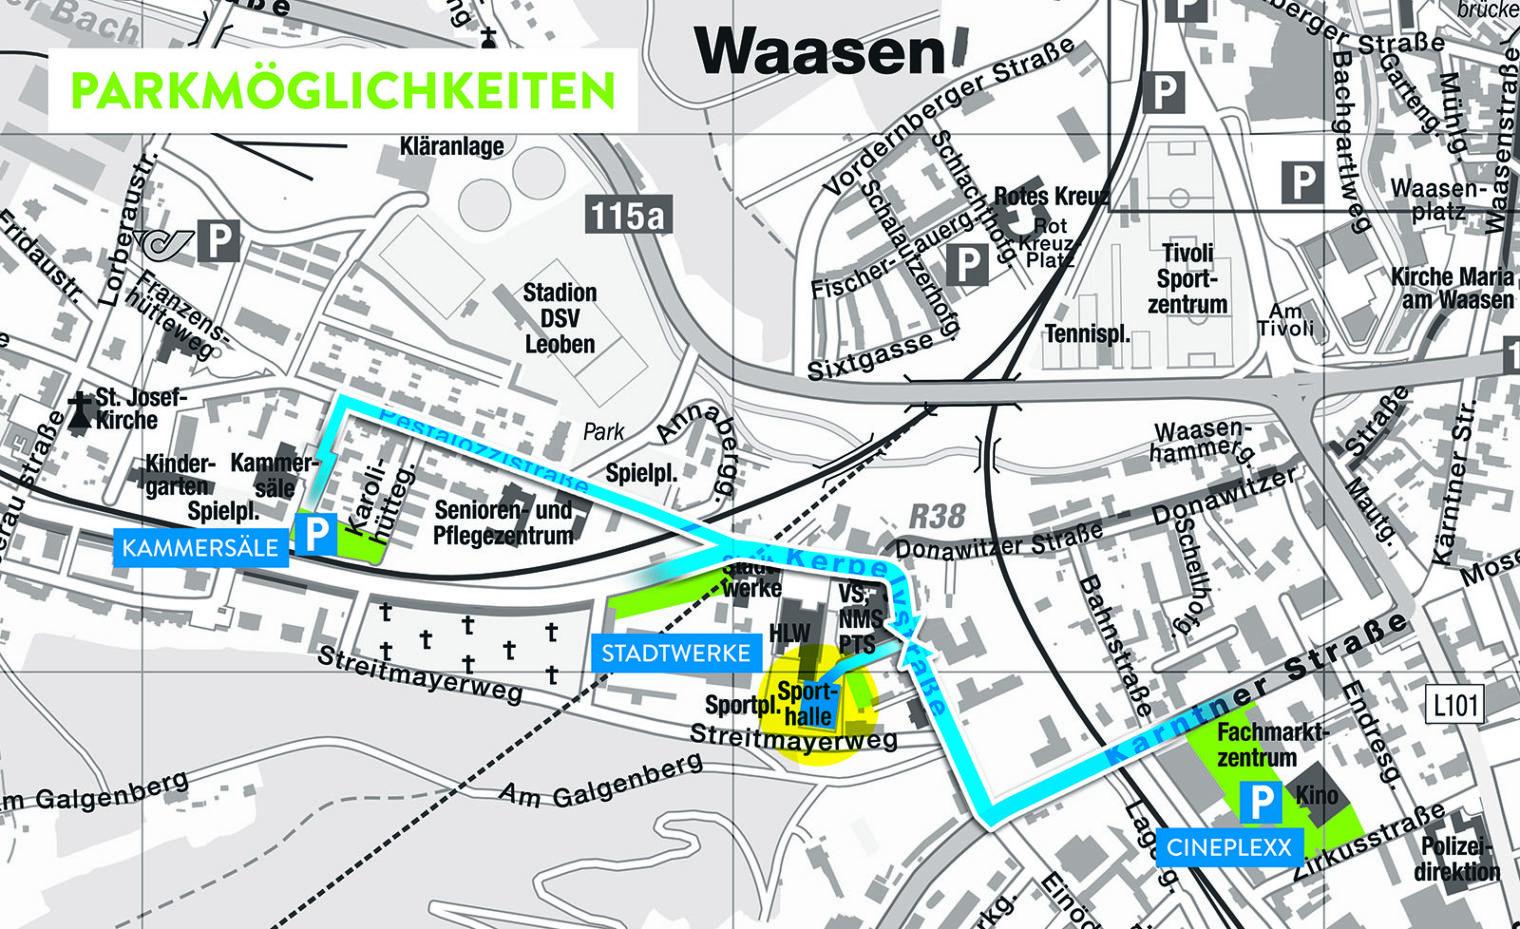 Karte mit Parkplätzen nahe der Sporthalle Donawitz